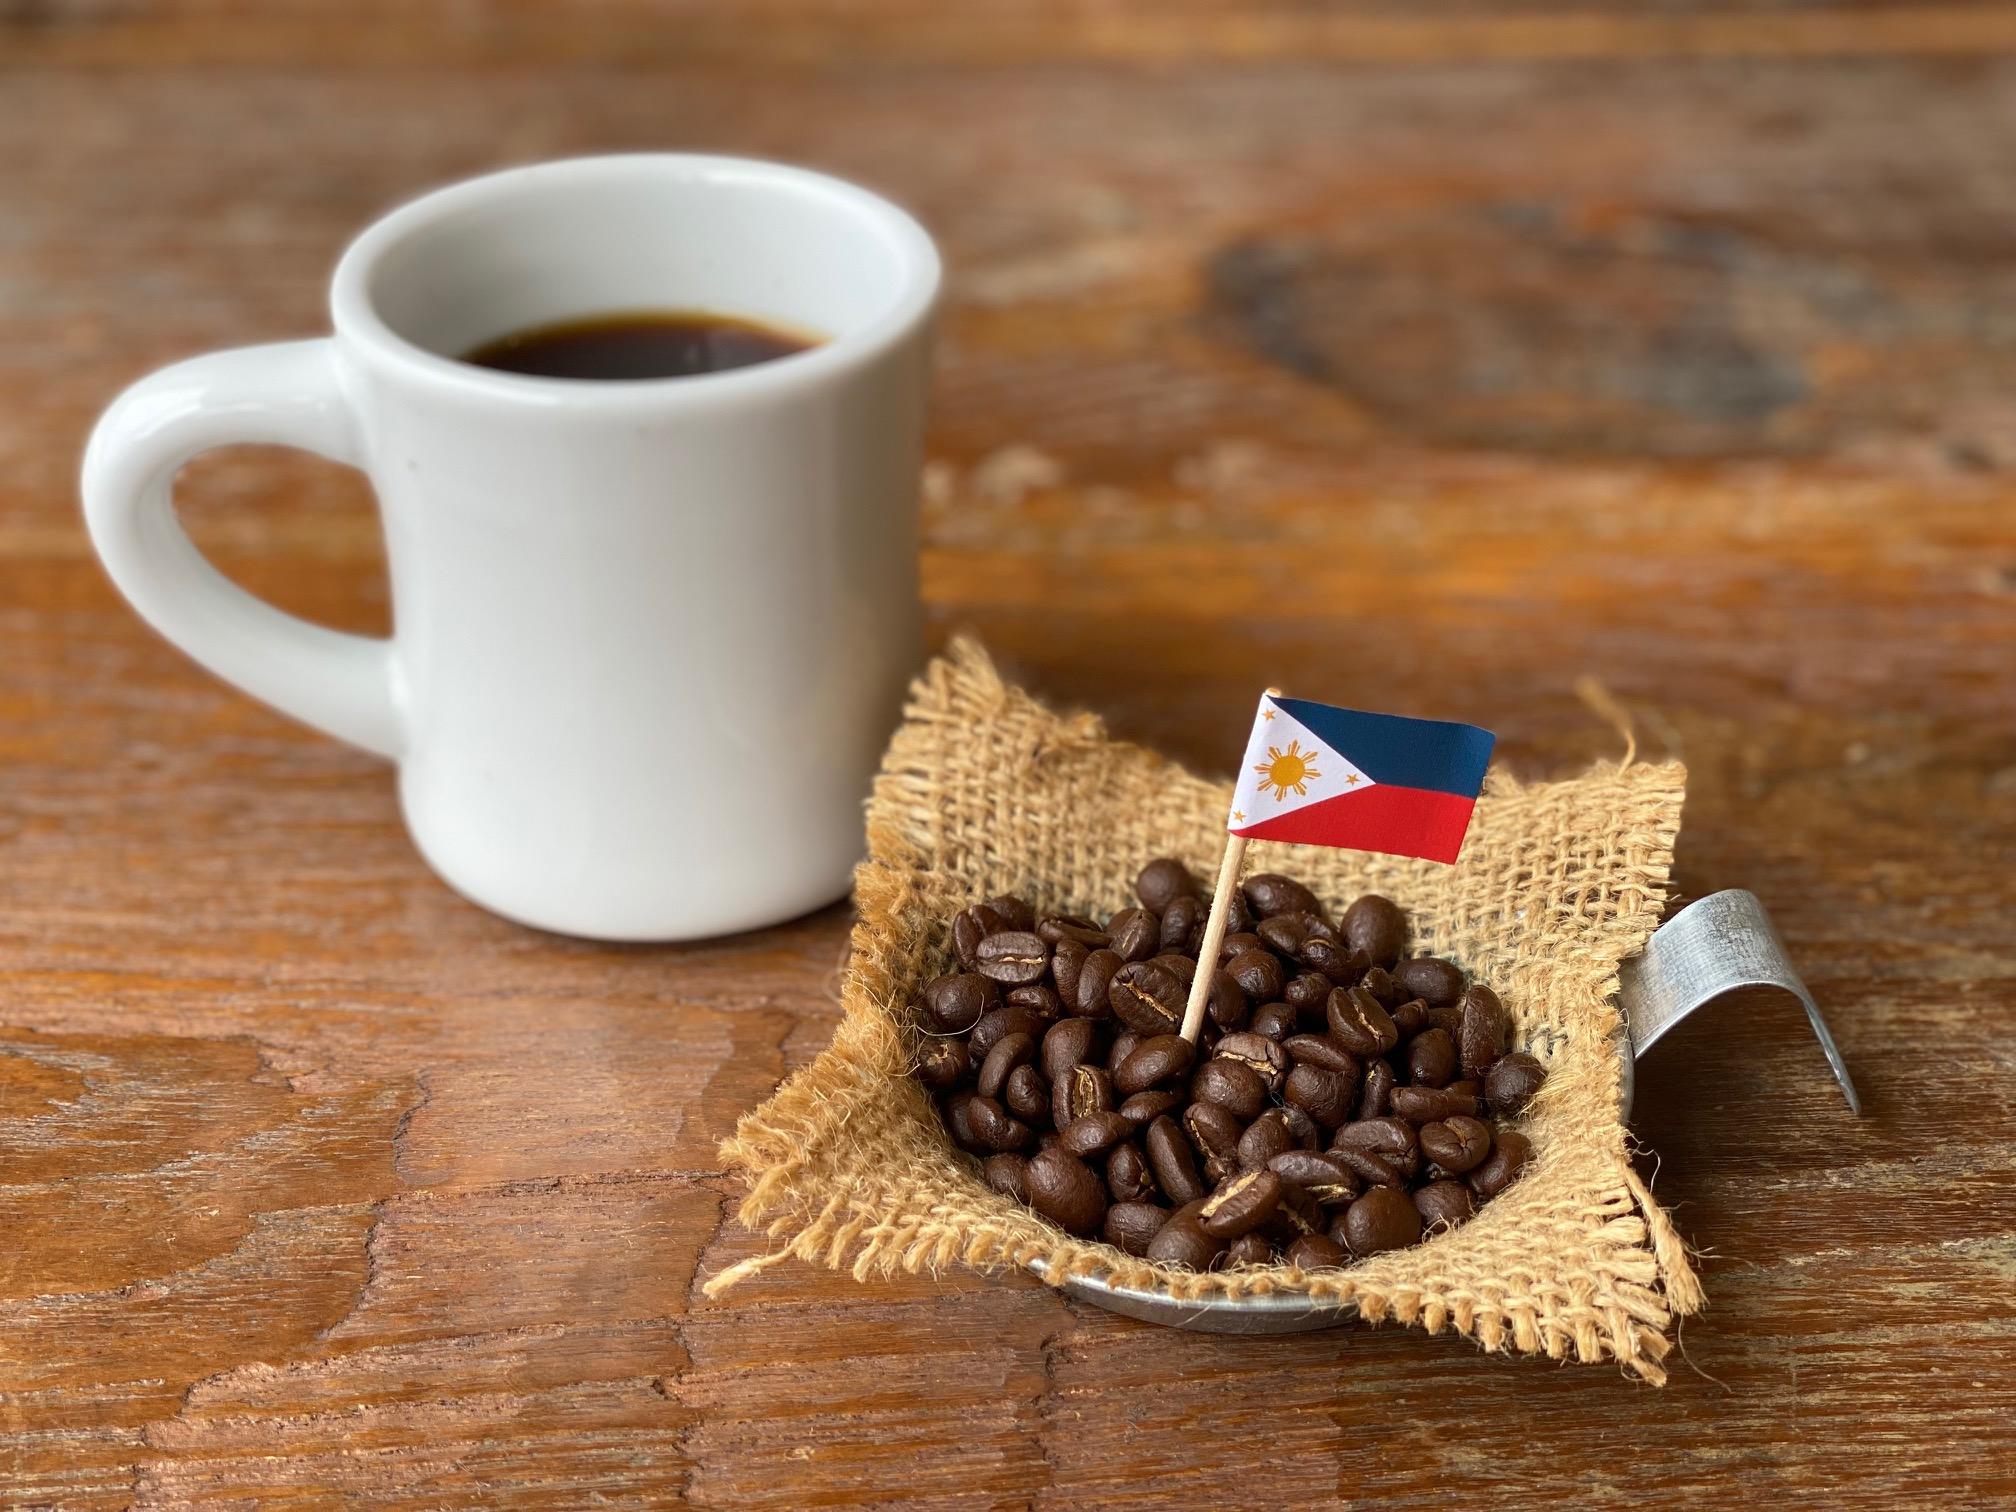 フィリピン山岳地のコーヒー